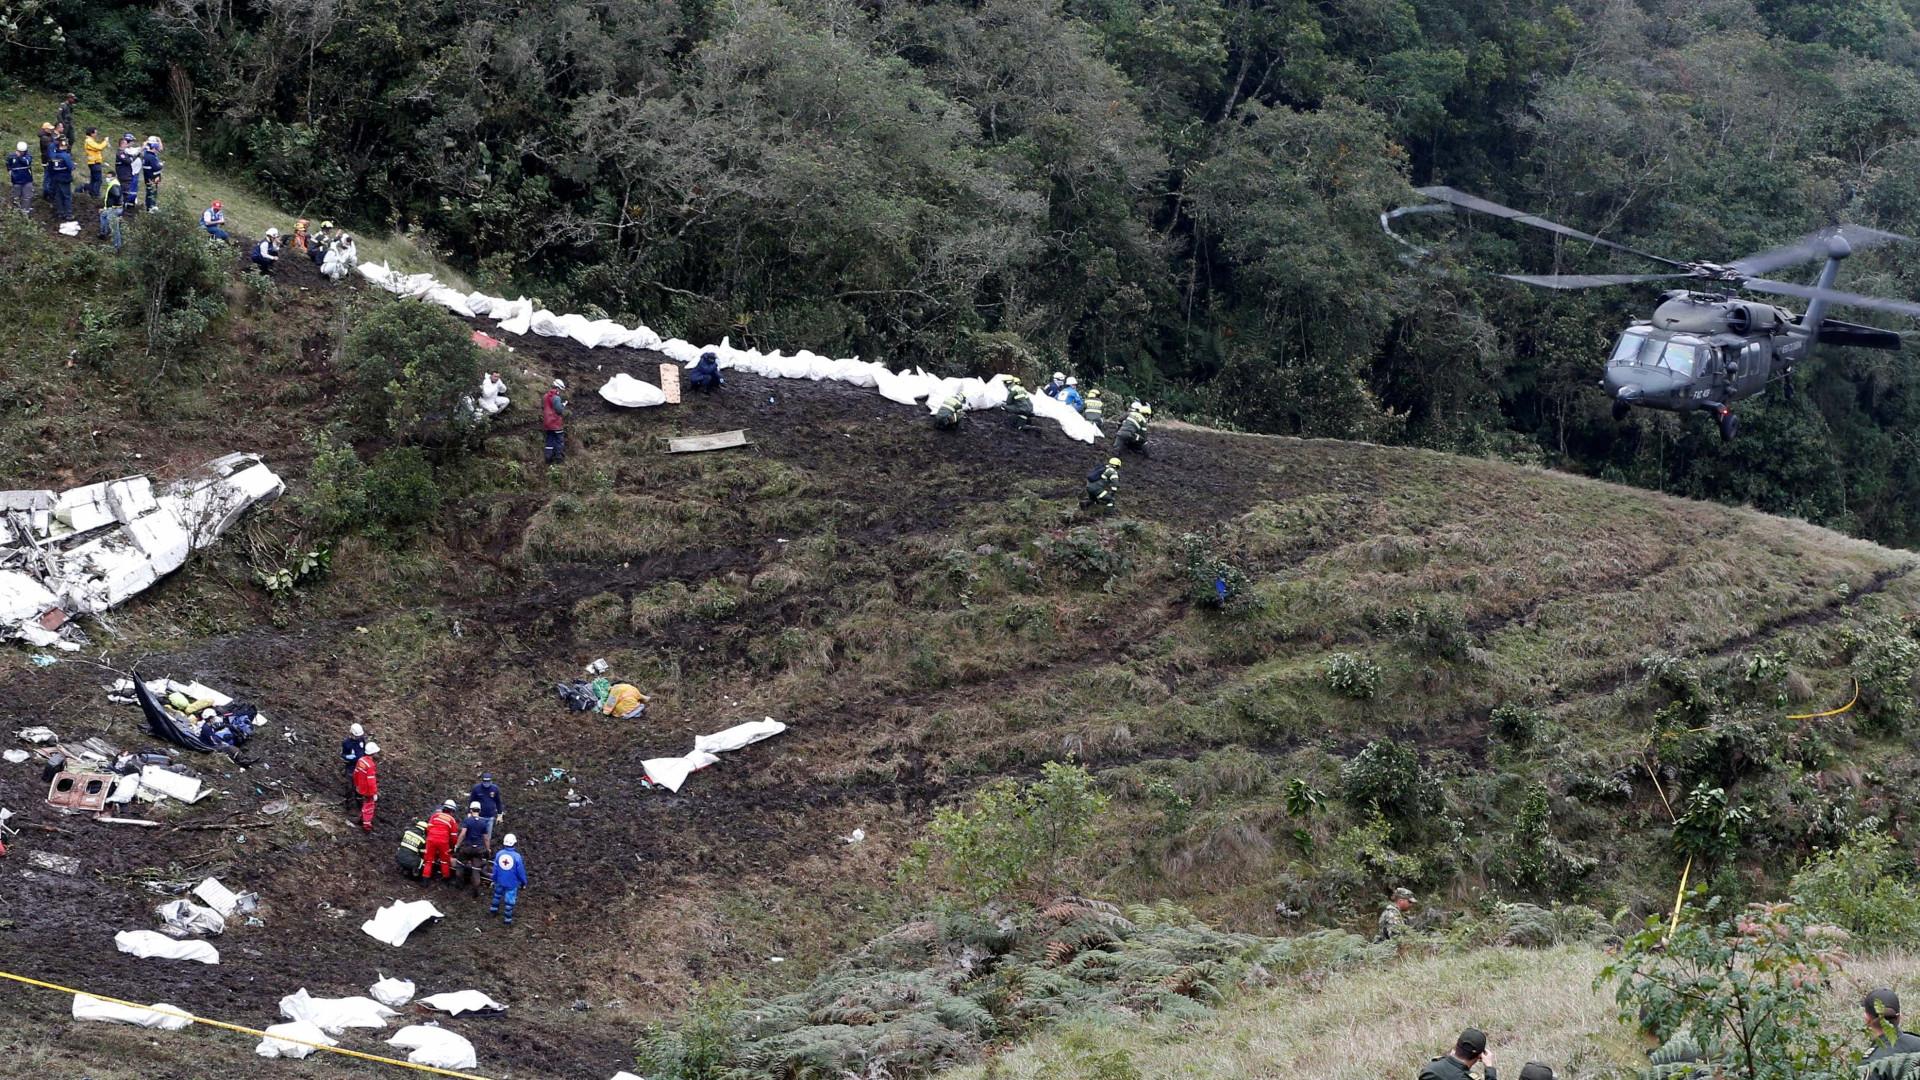 Caixas negras do avião que se despenhou na Colômbia já foram encontradas